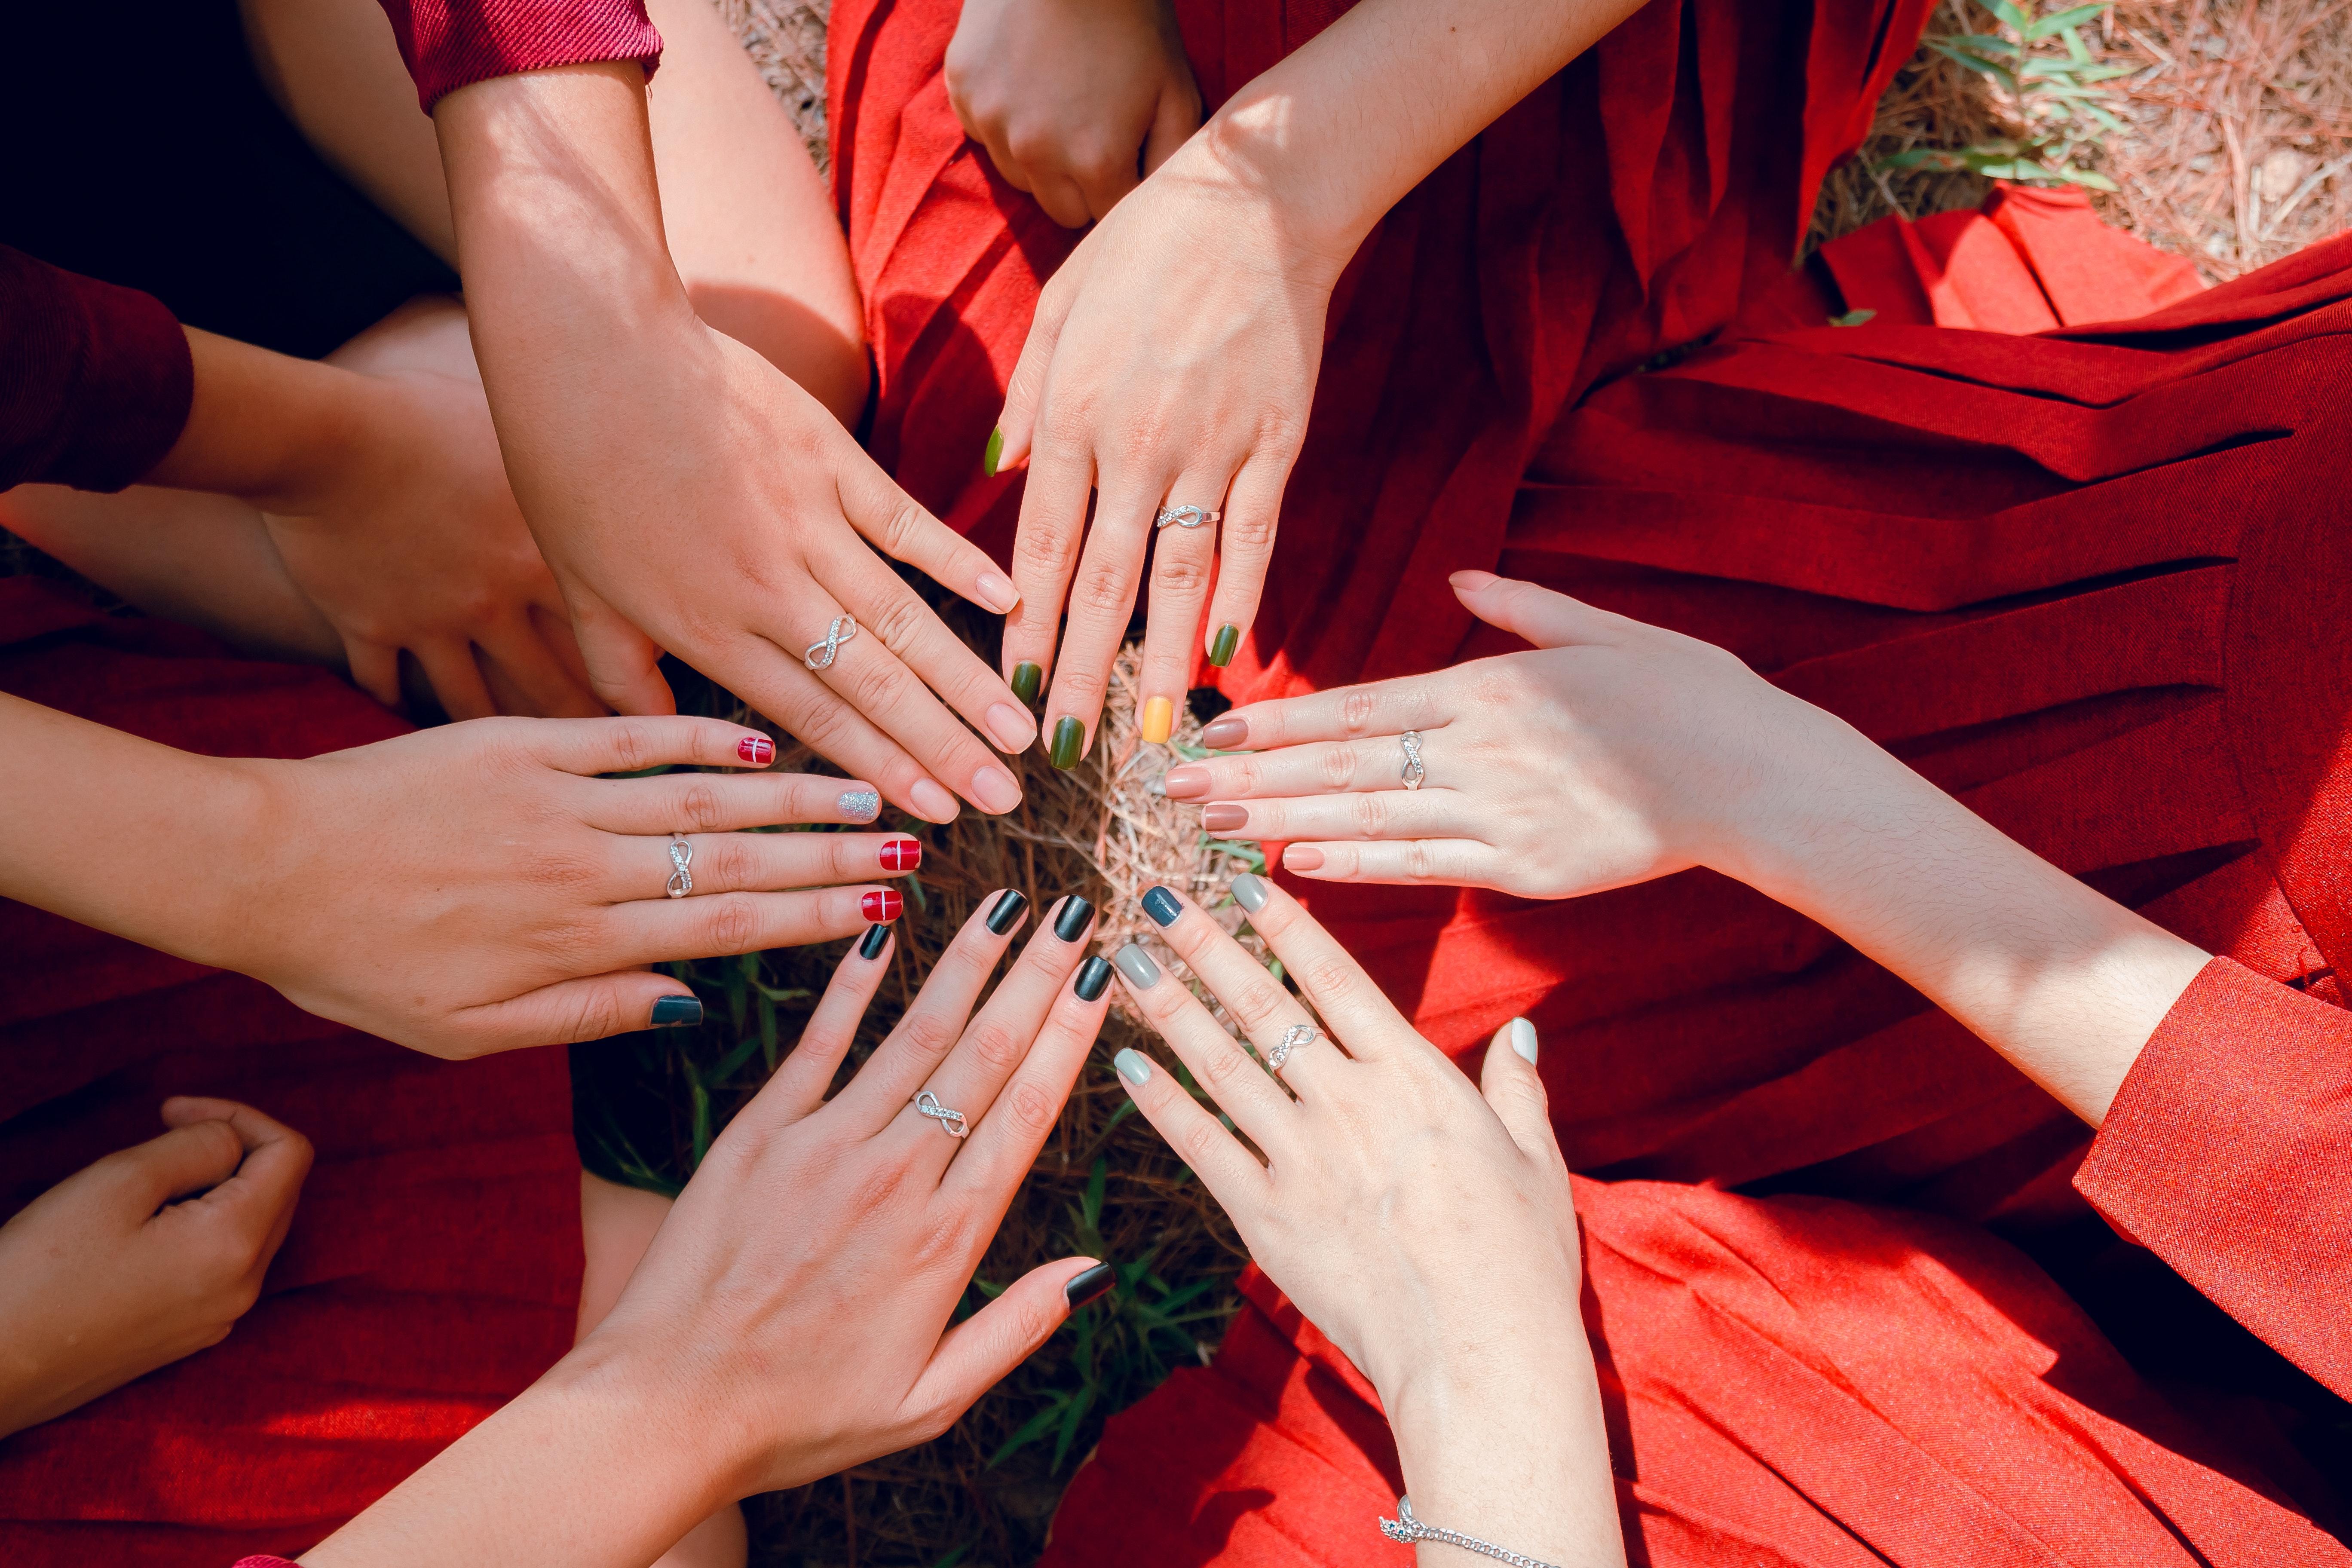 Godt udvalg af neglefile og tilbehør til negle i den bedste kvalitet hos NR Kosmetik